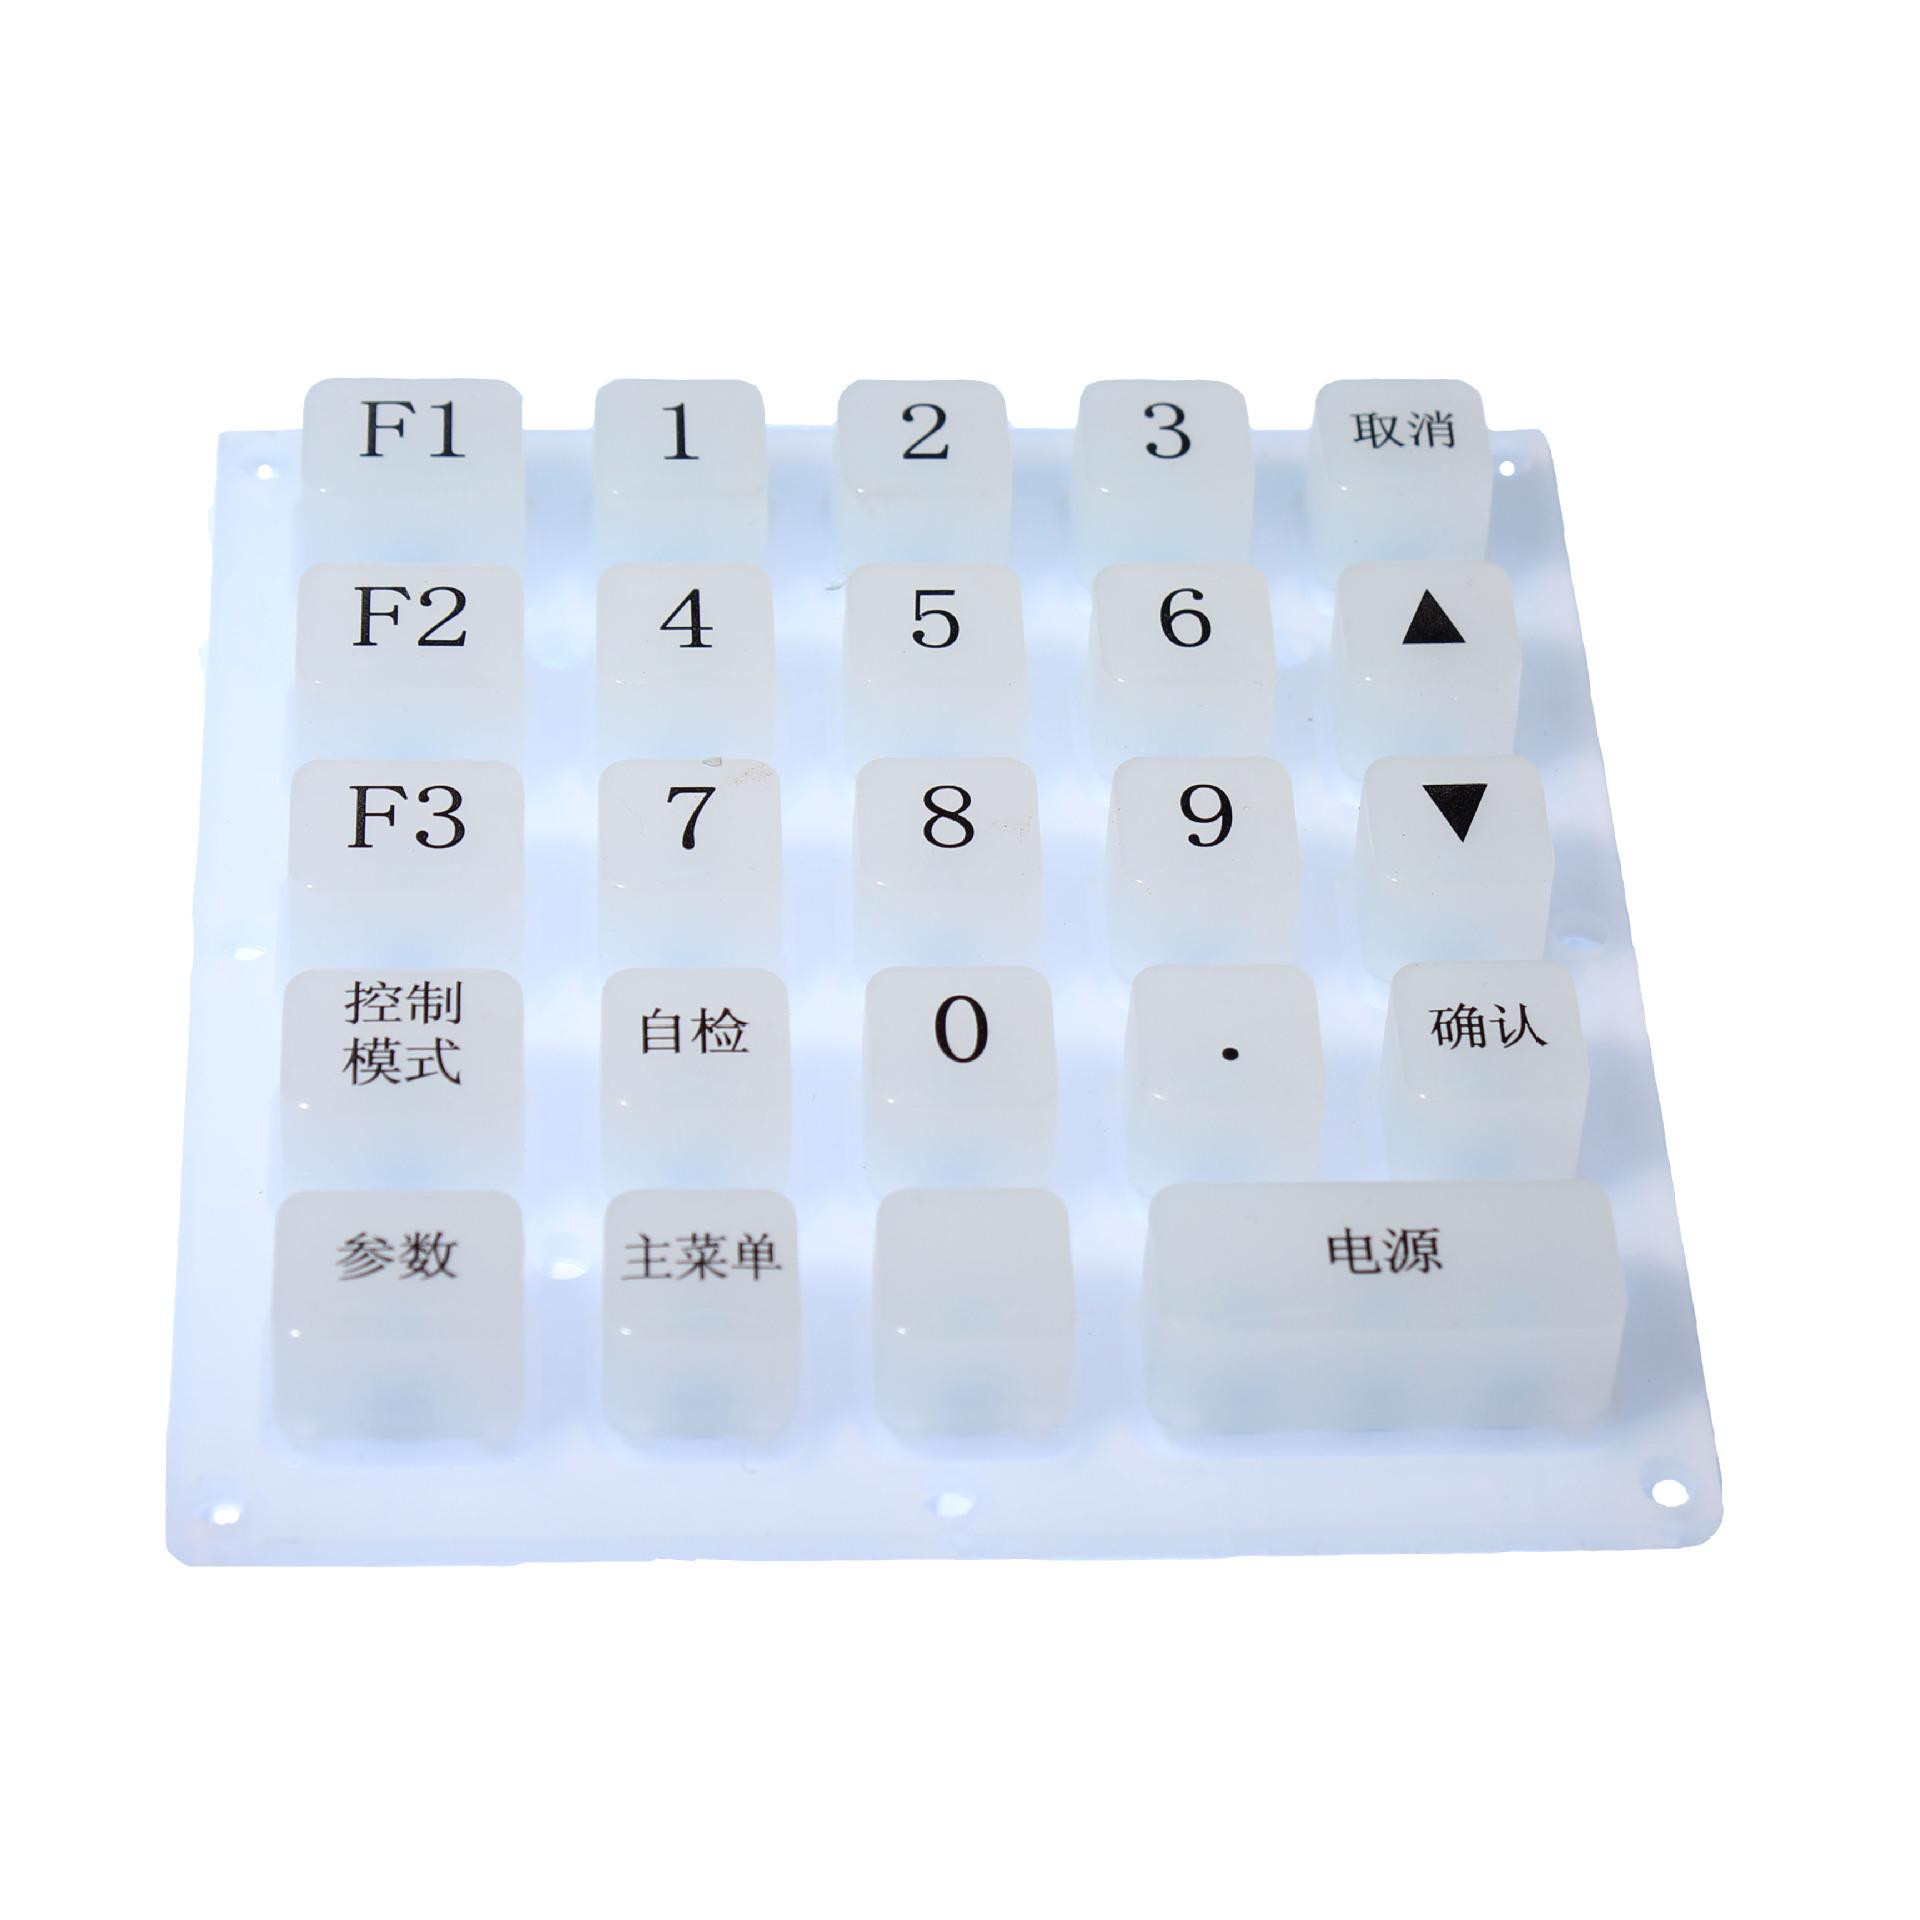 广州透光硅胶按键生产加工厂家 硅胶按键丝印 单点硅胶按键